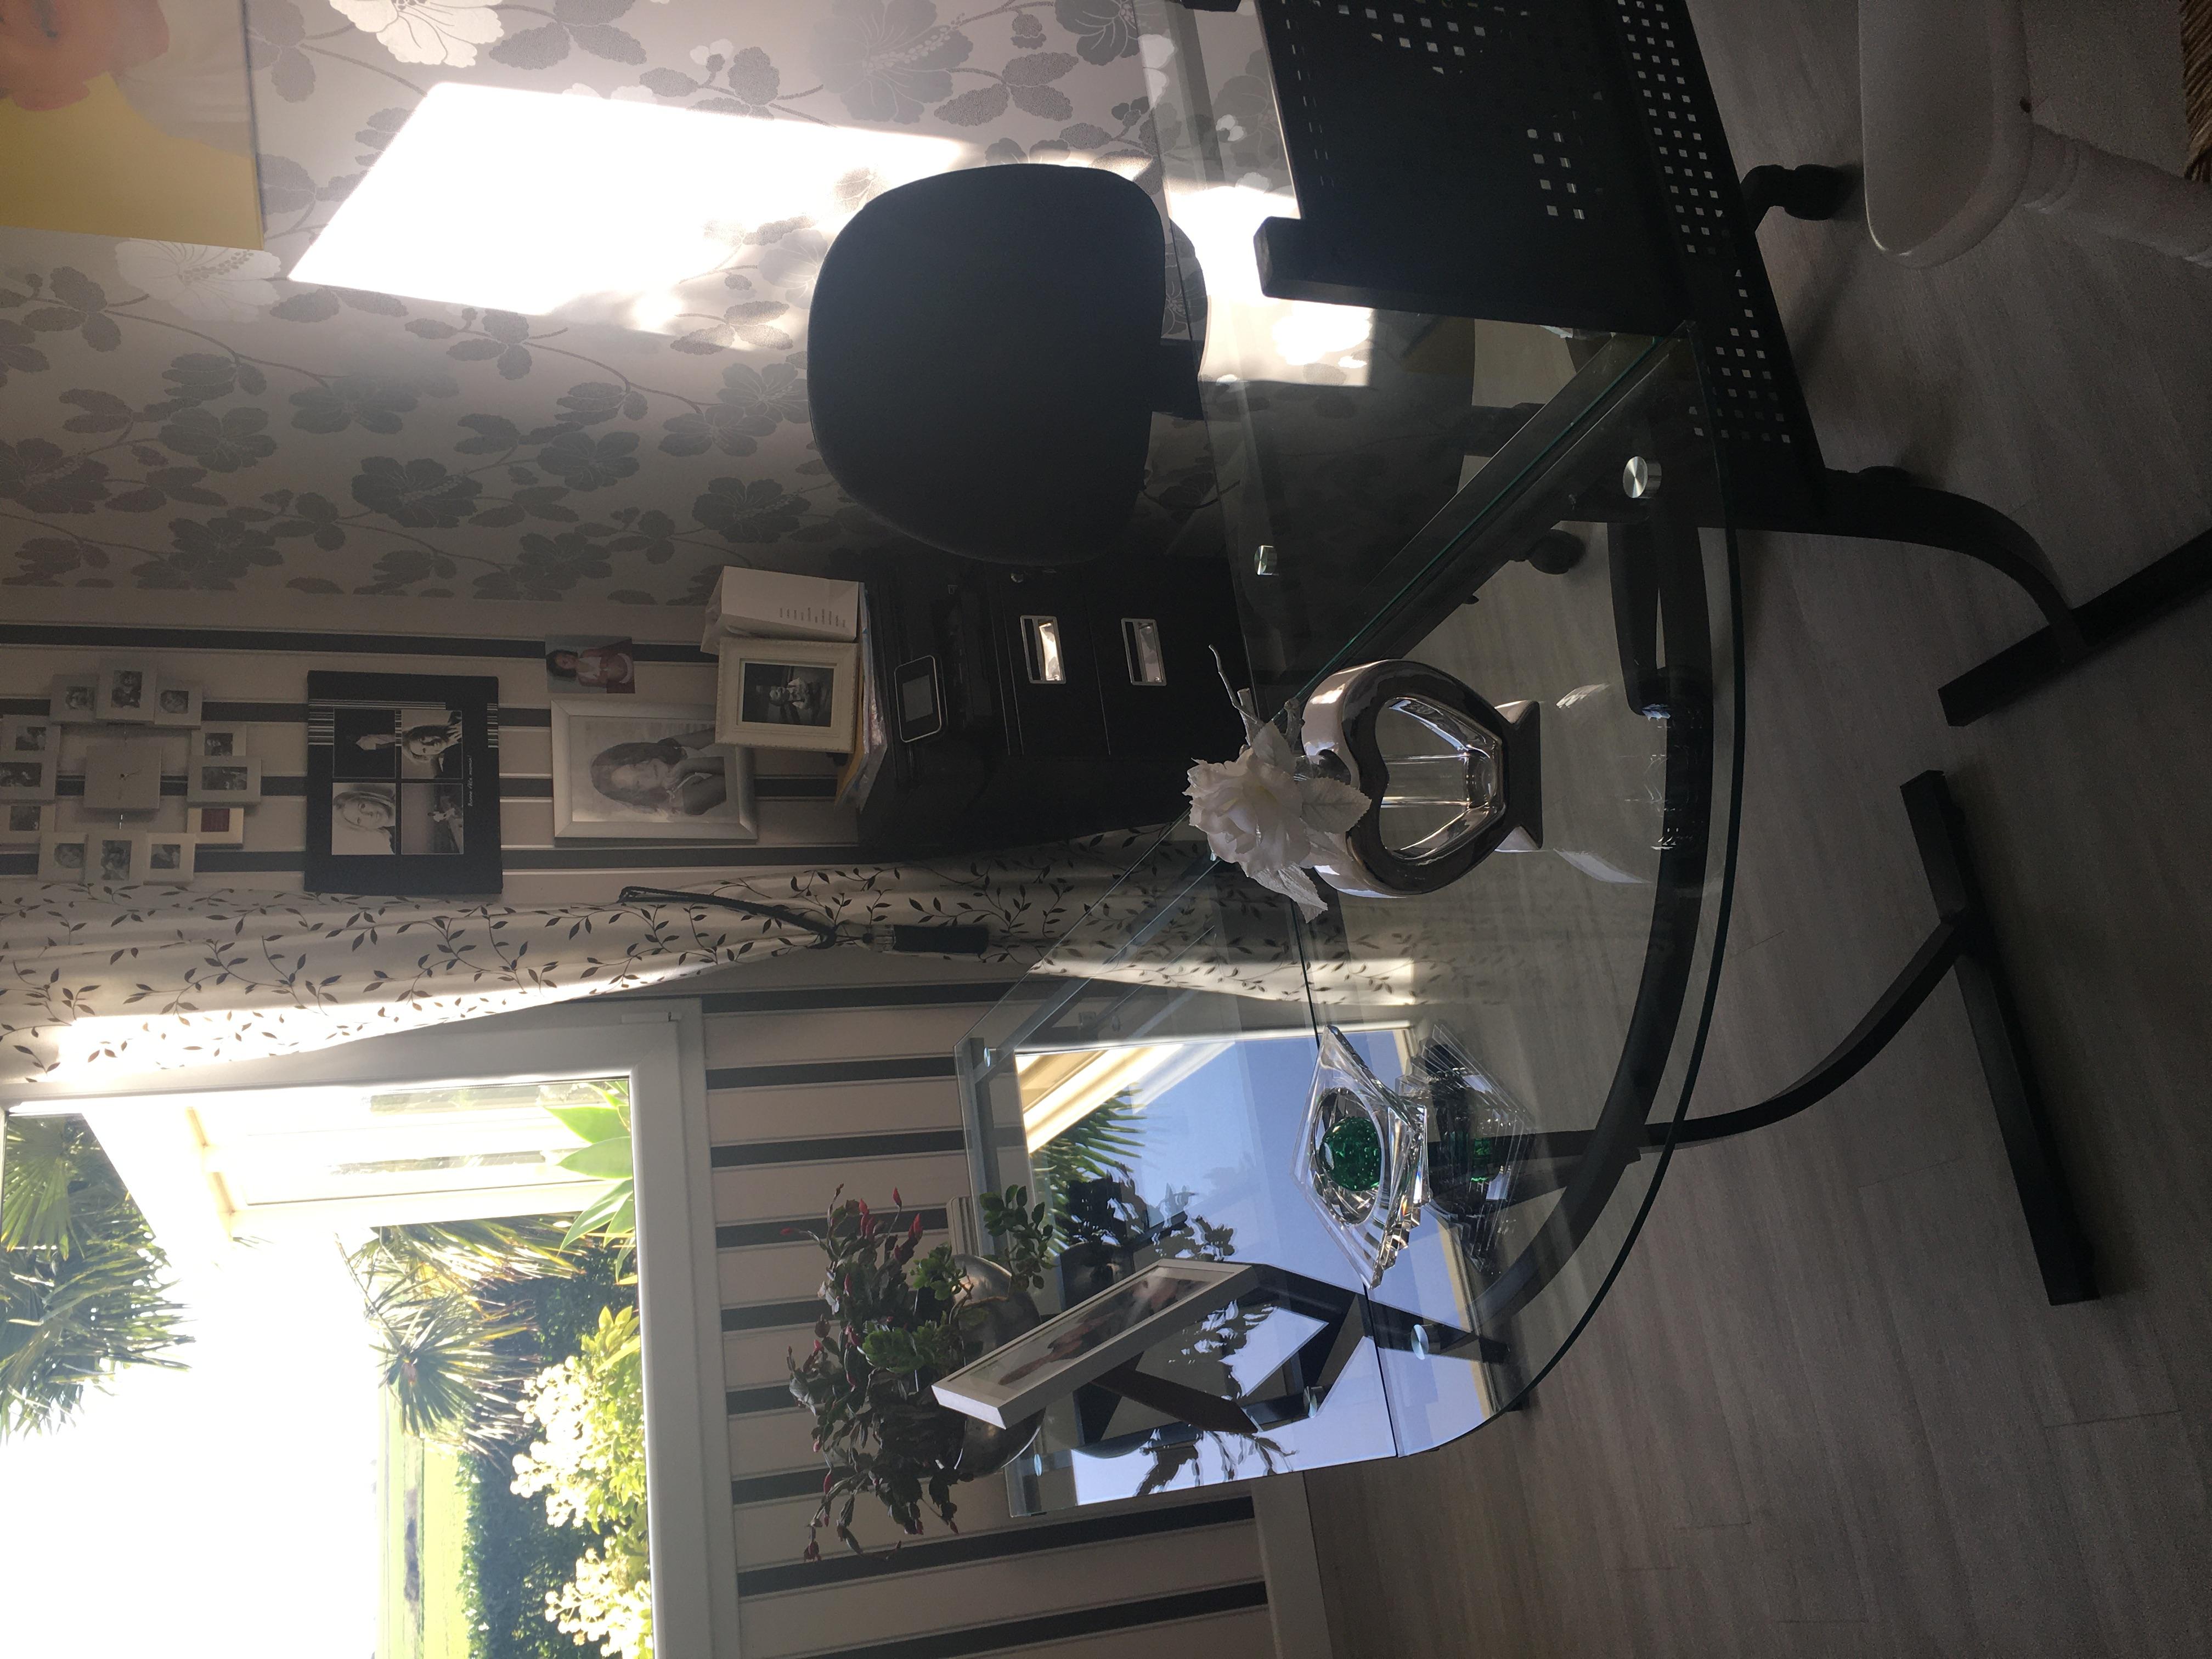 bureau avec plateau en verre 0 Niergnies (59)